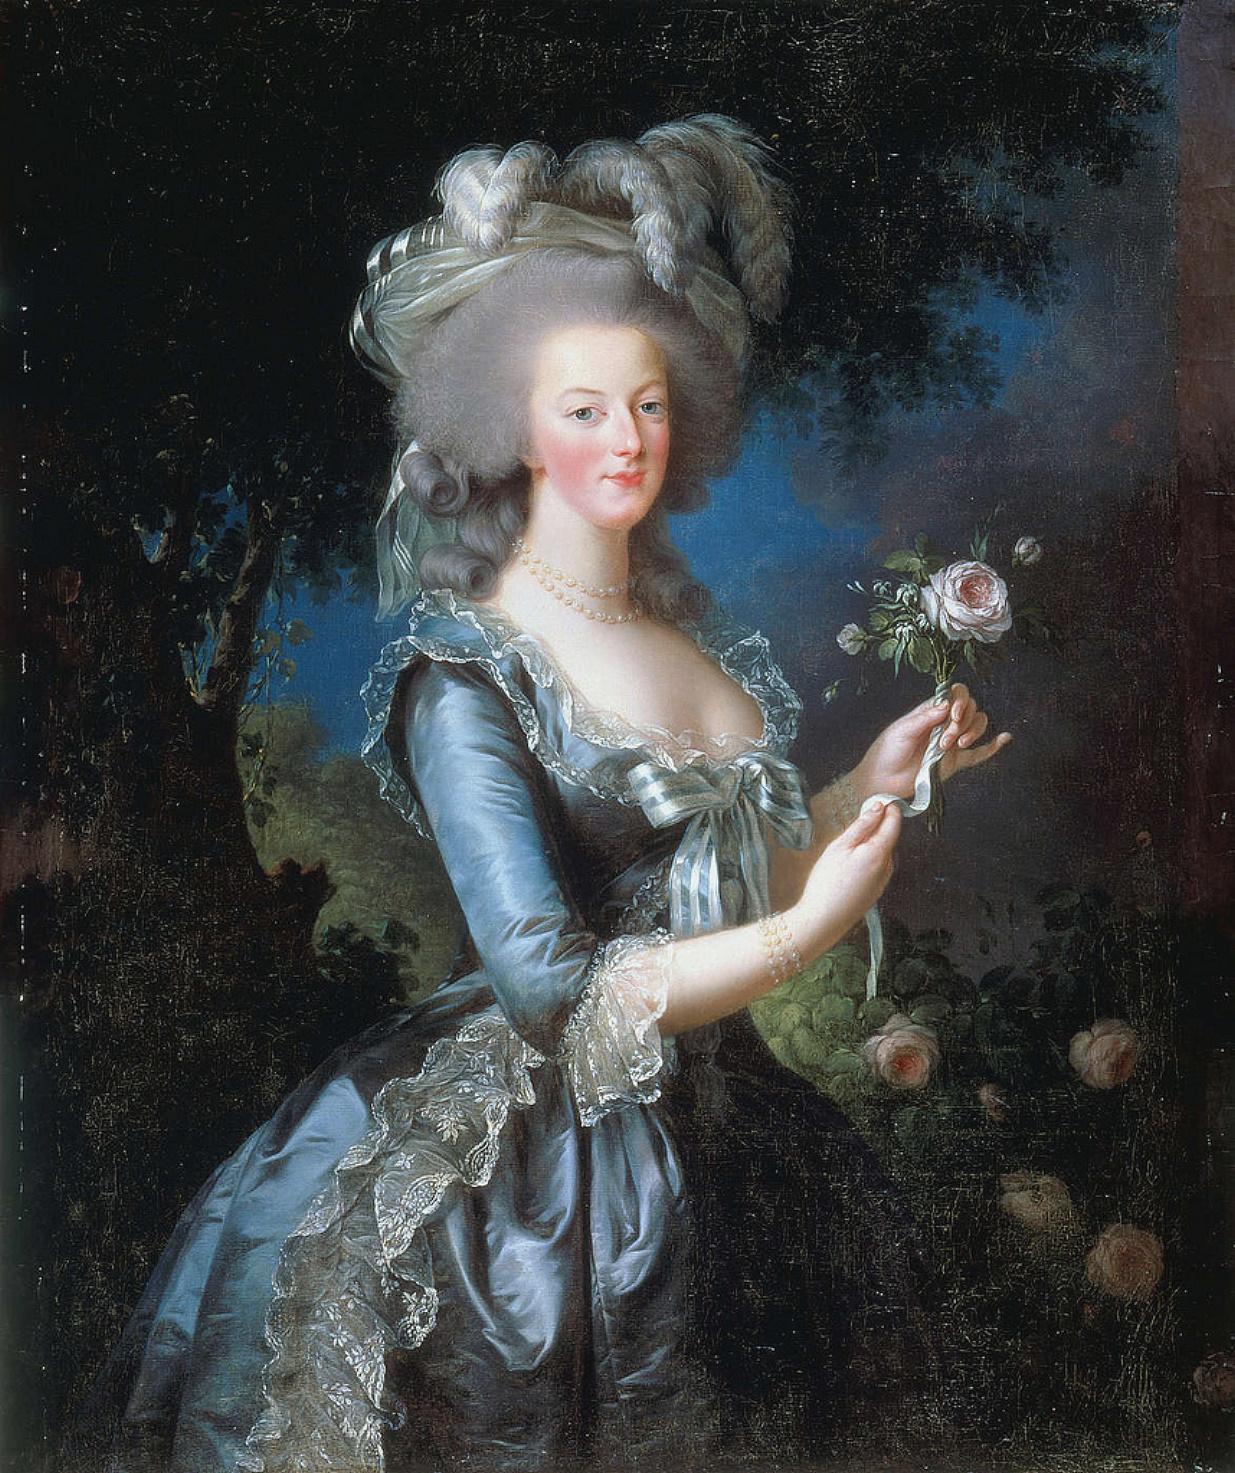 王家 誰 は 最後 に した の マリー 作曲 フランス 王妃 アントワネット 求愛 家